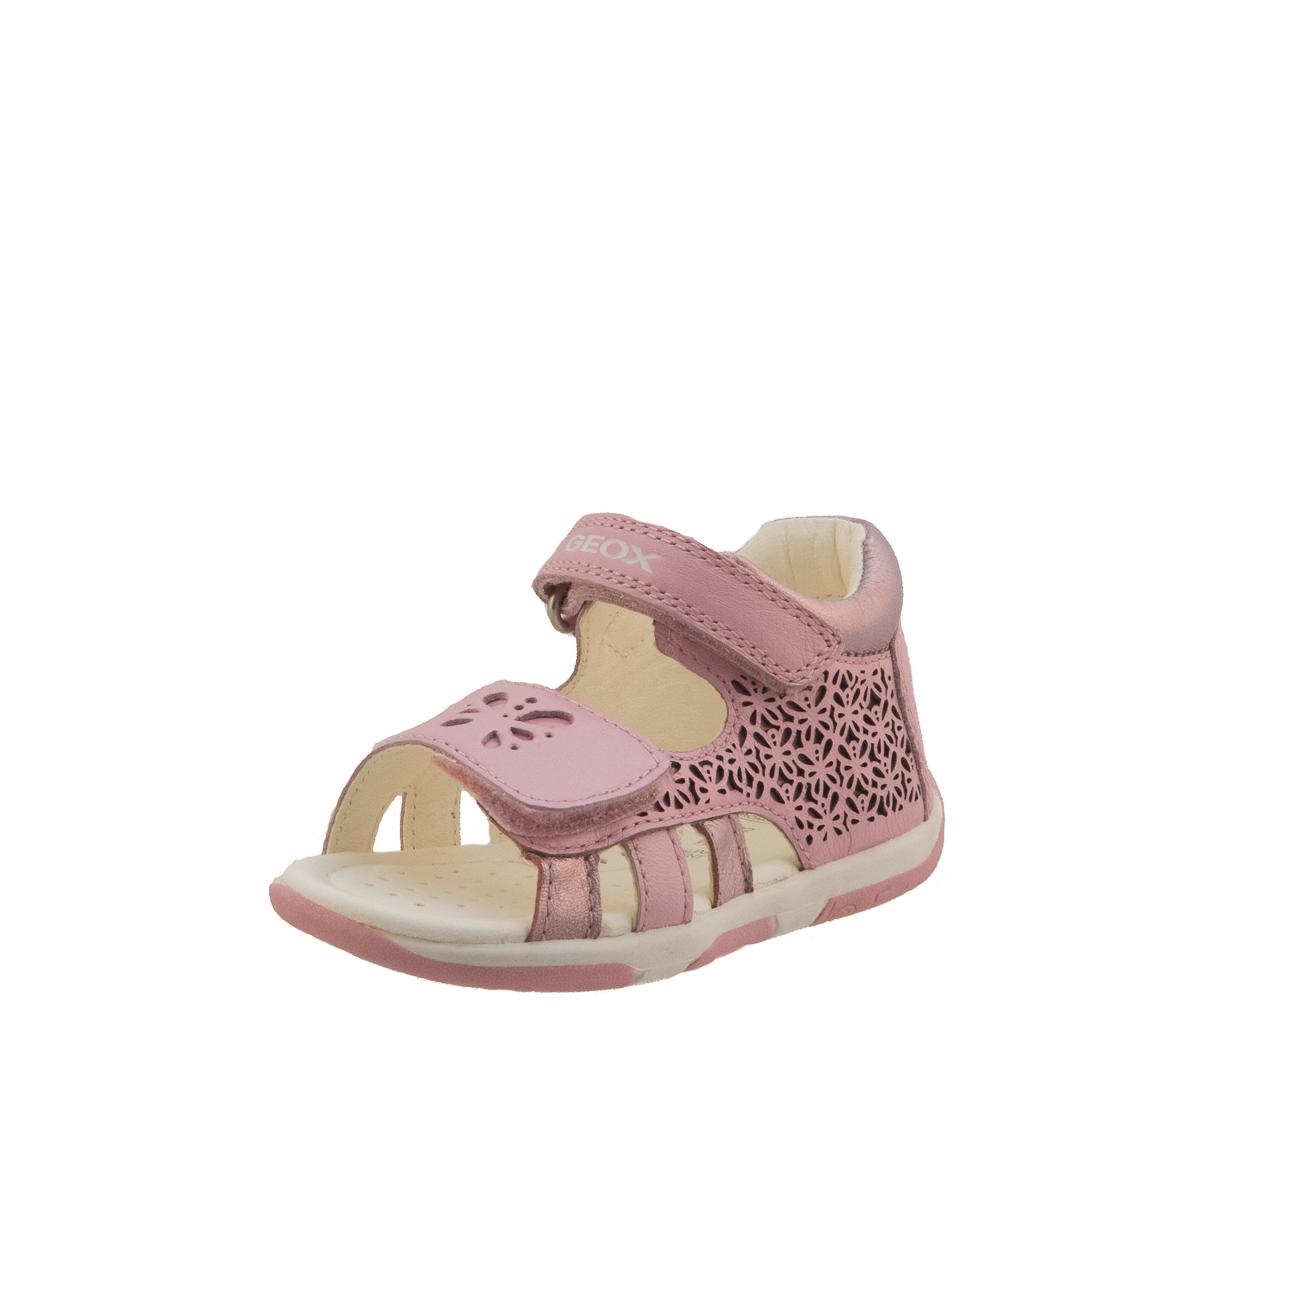 Κορίτσι πέδιλο ροζ Geox B720YC 044Y2 C8010